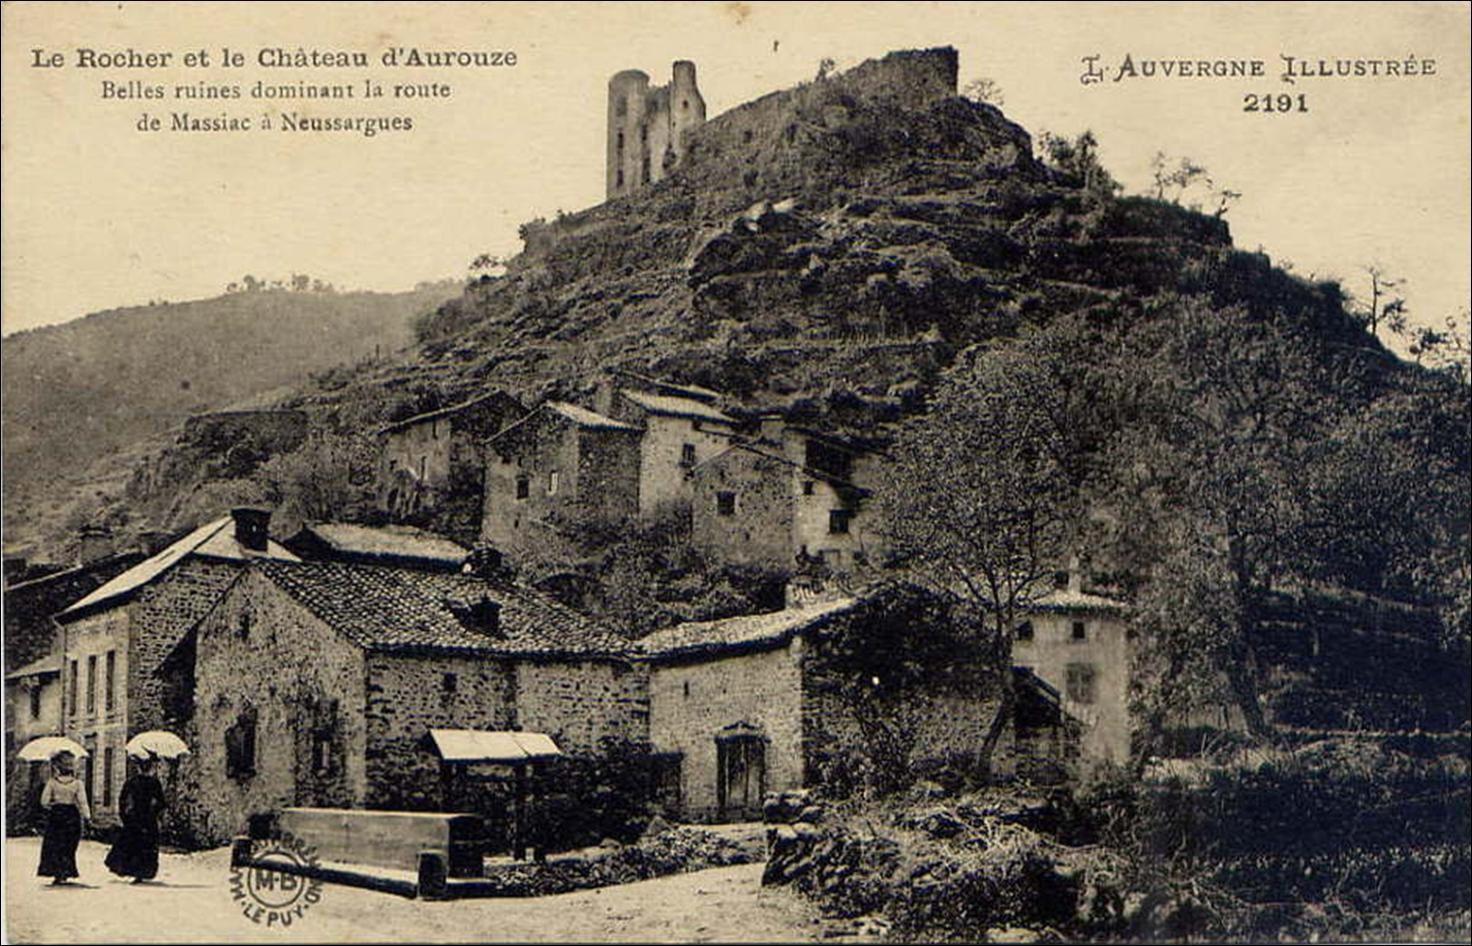 Le château d'Aurouze